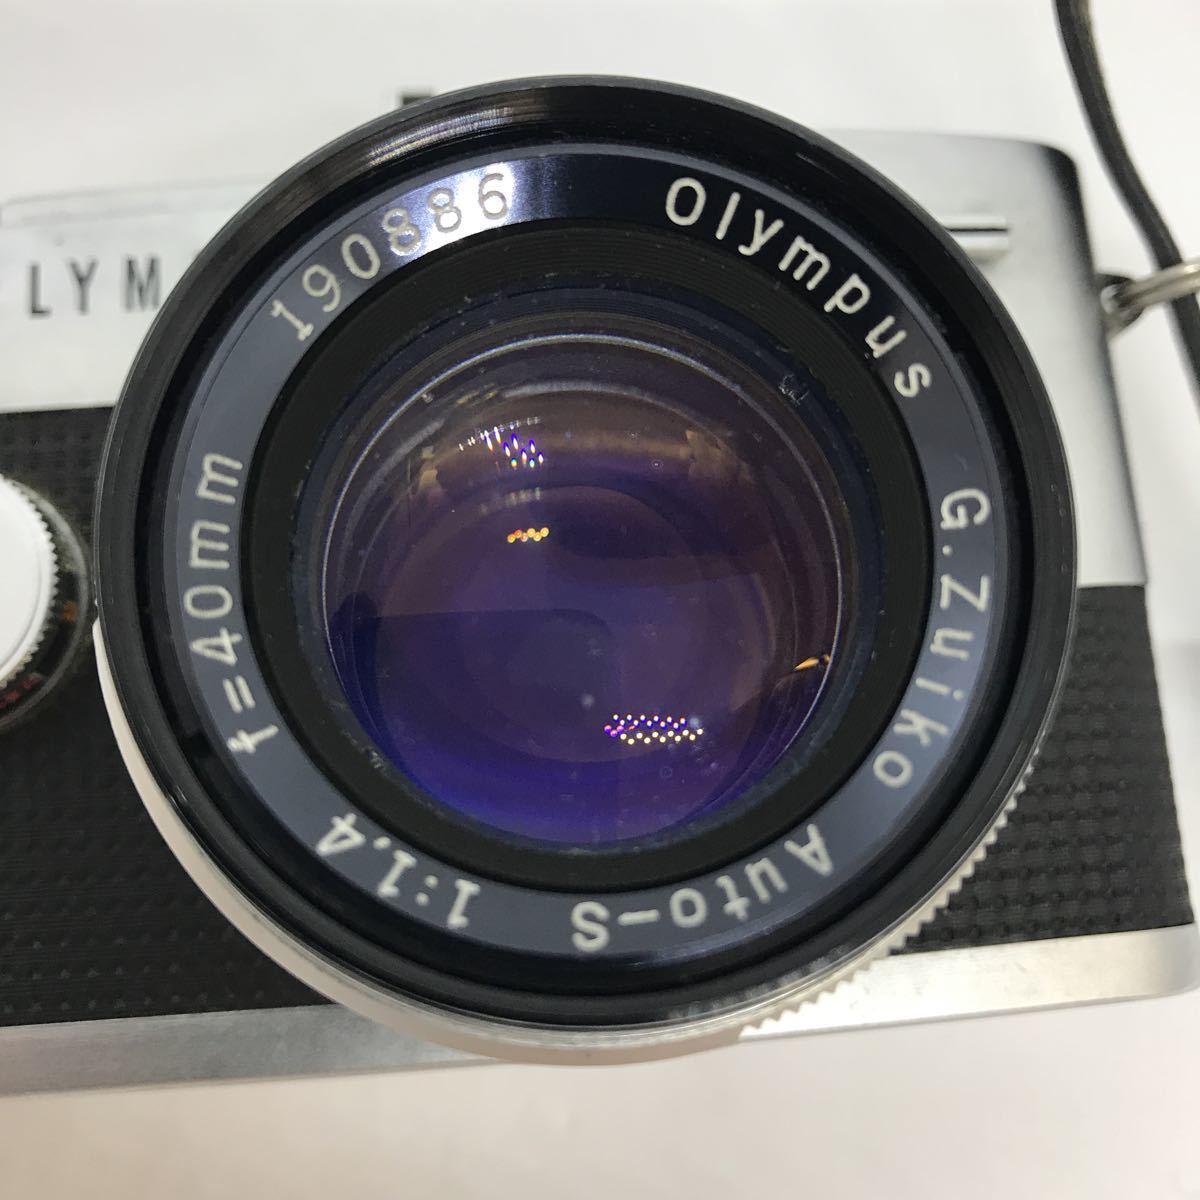 OLYMPUS オリンパス PEN F G.zuiko 1:1.4 40mm 一眼レフカメラ_画像3